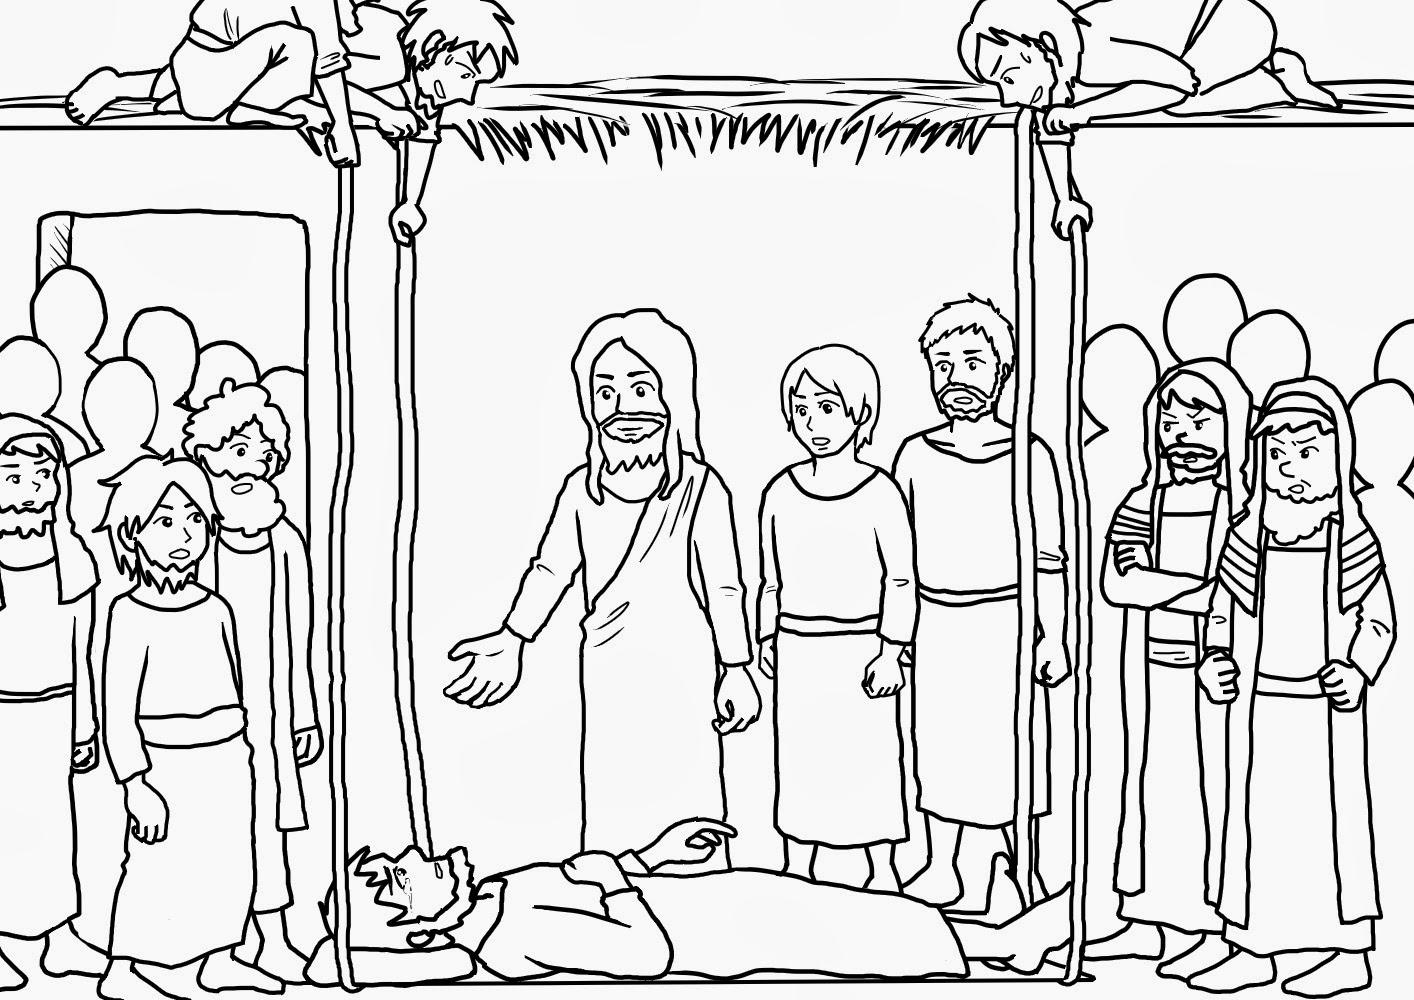 Me aburre la religi n jes s sana a un paral tico for Jesus heals the sick coloring page